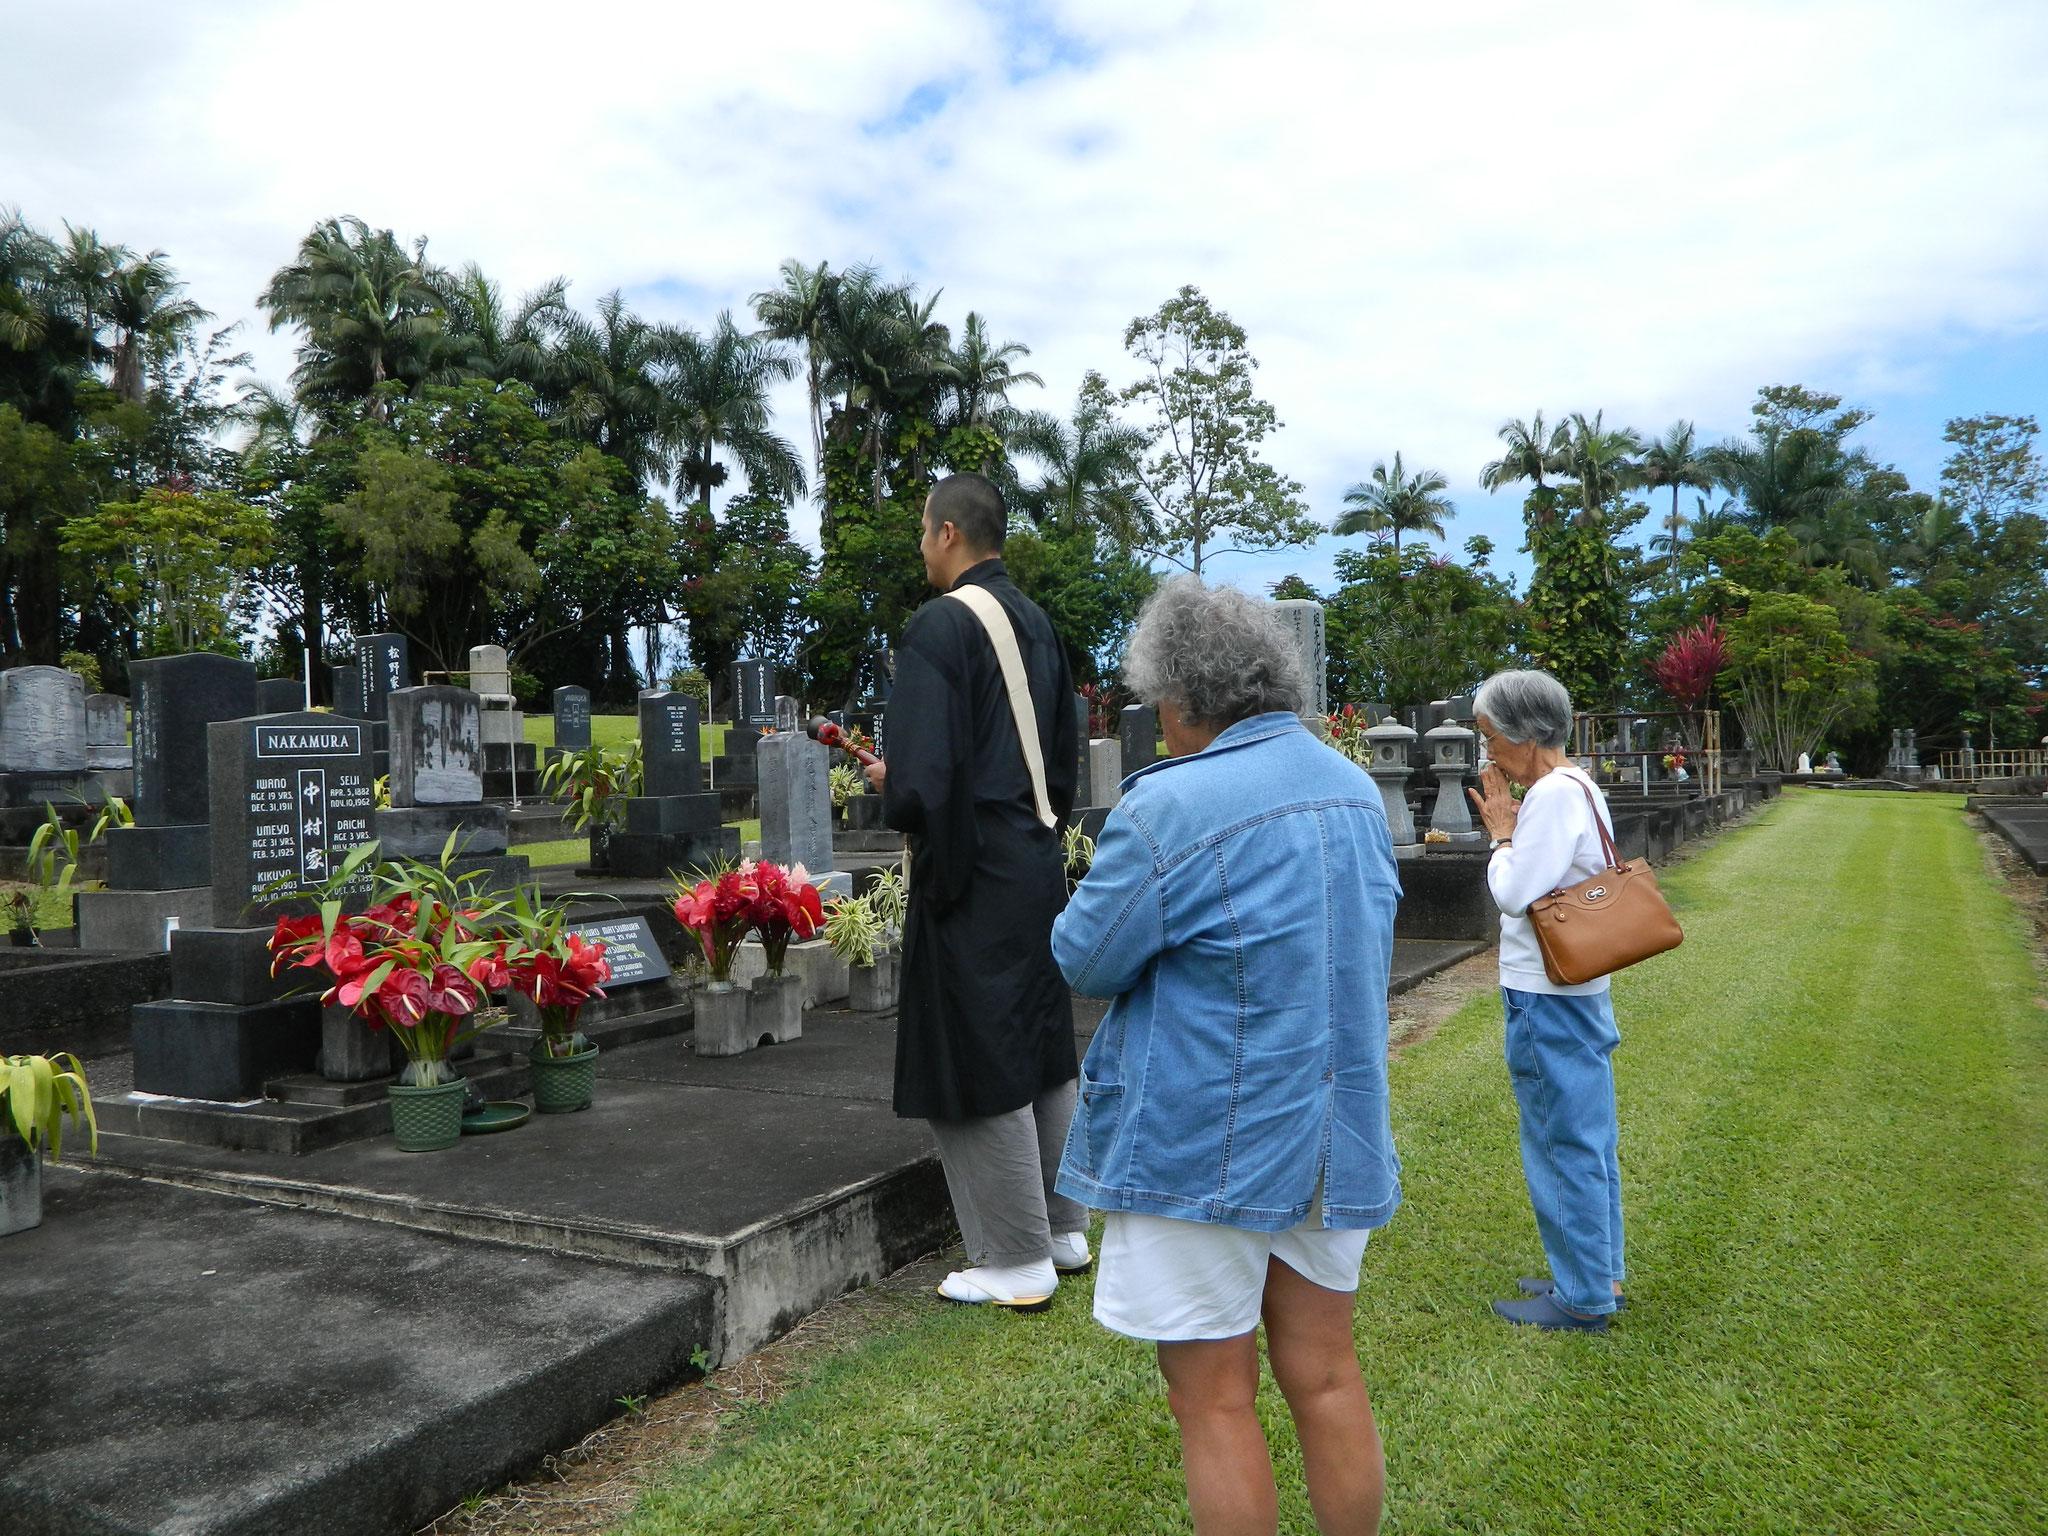 ヒロ教会信徒さんのお墓でのお盆供養